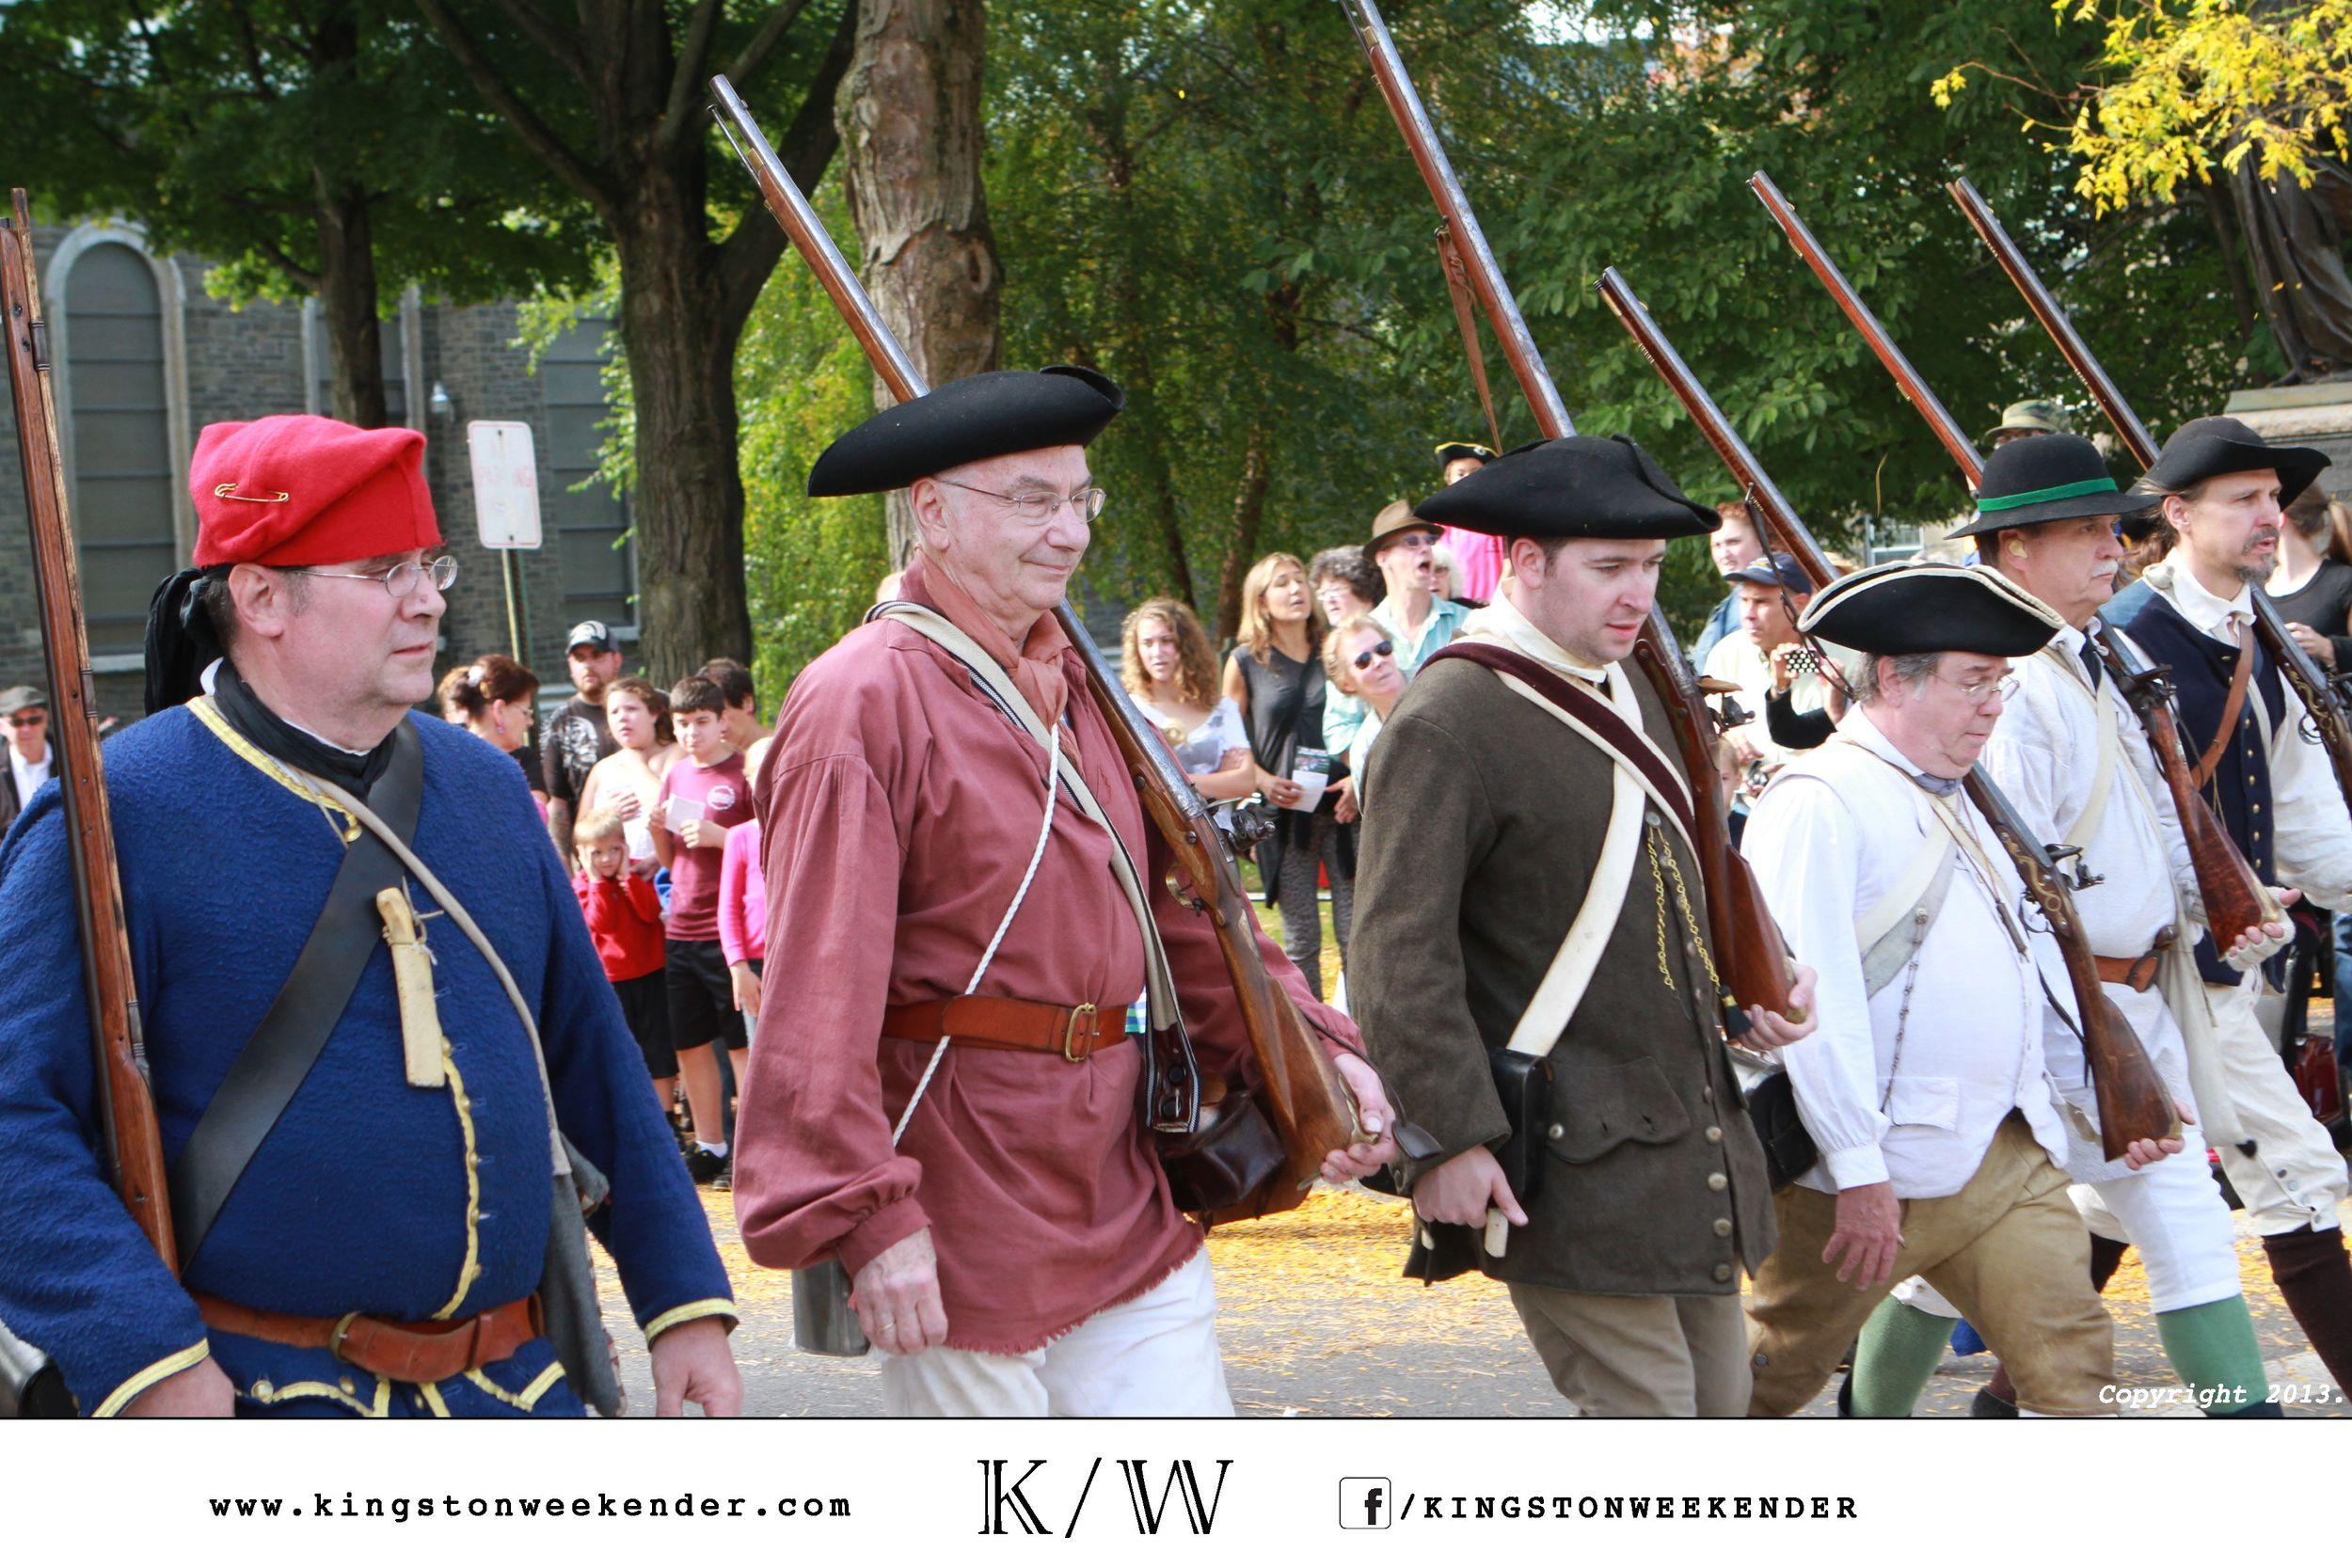 kingston-weekender-photo-credits2.jpg